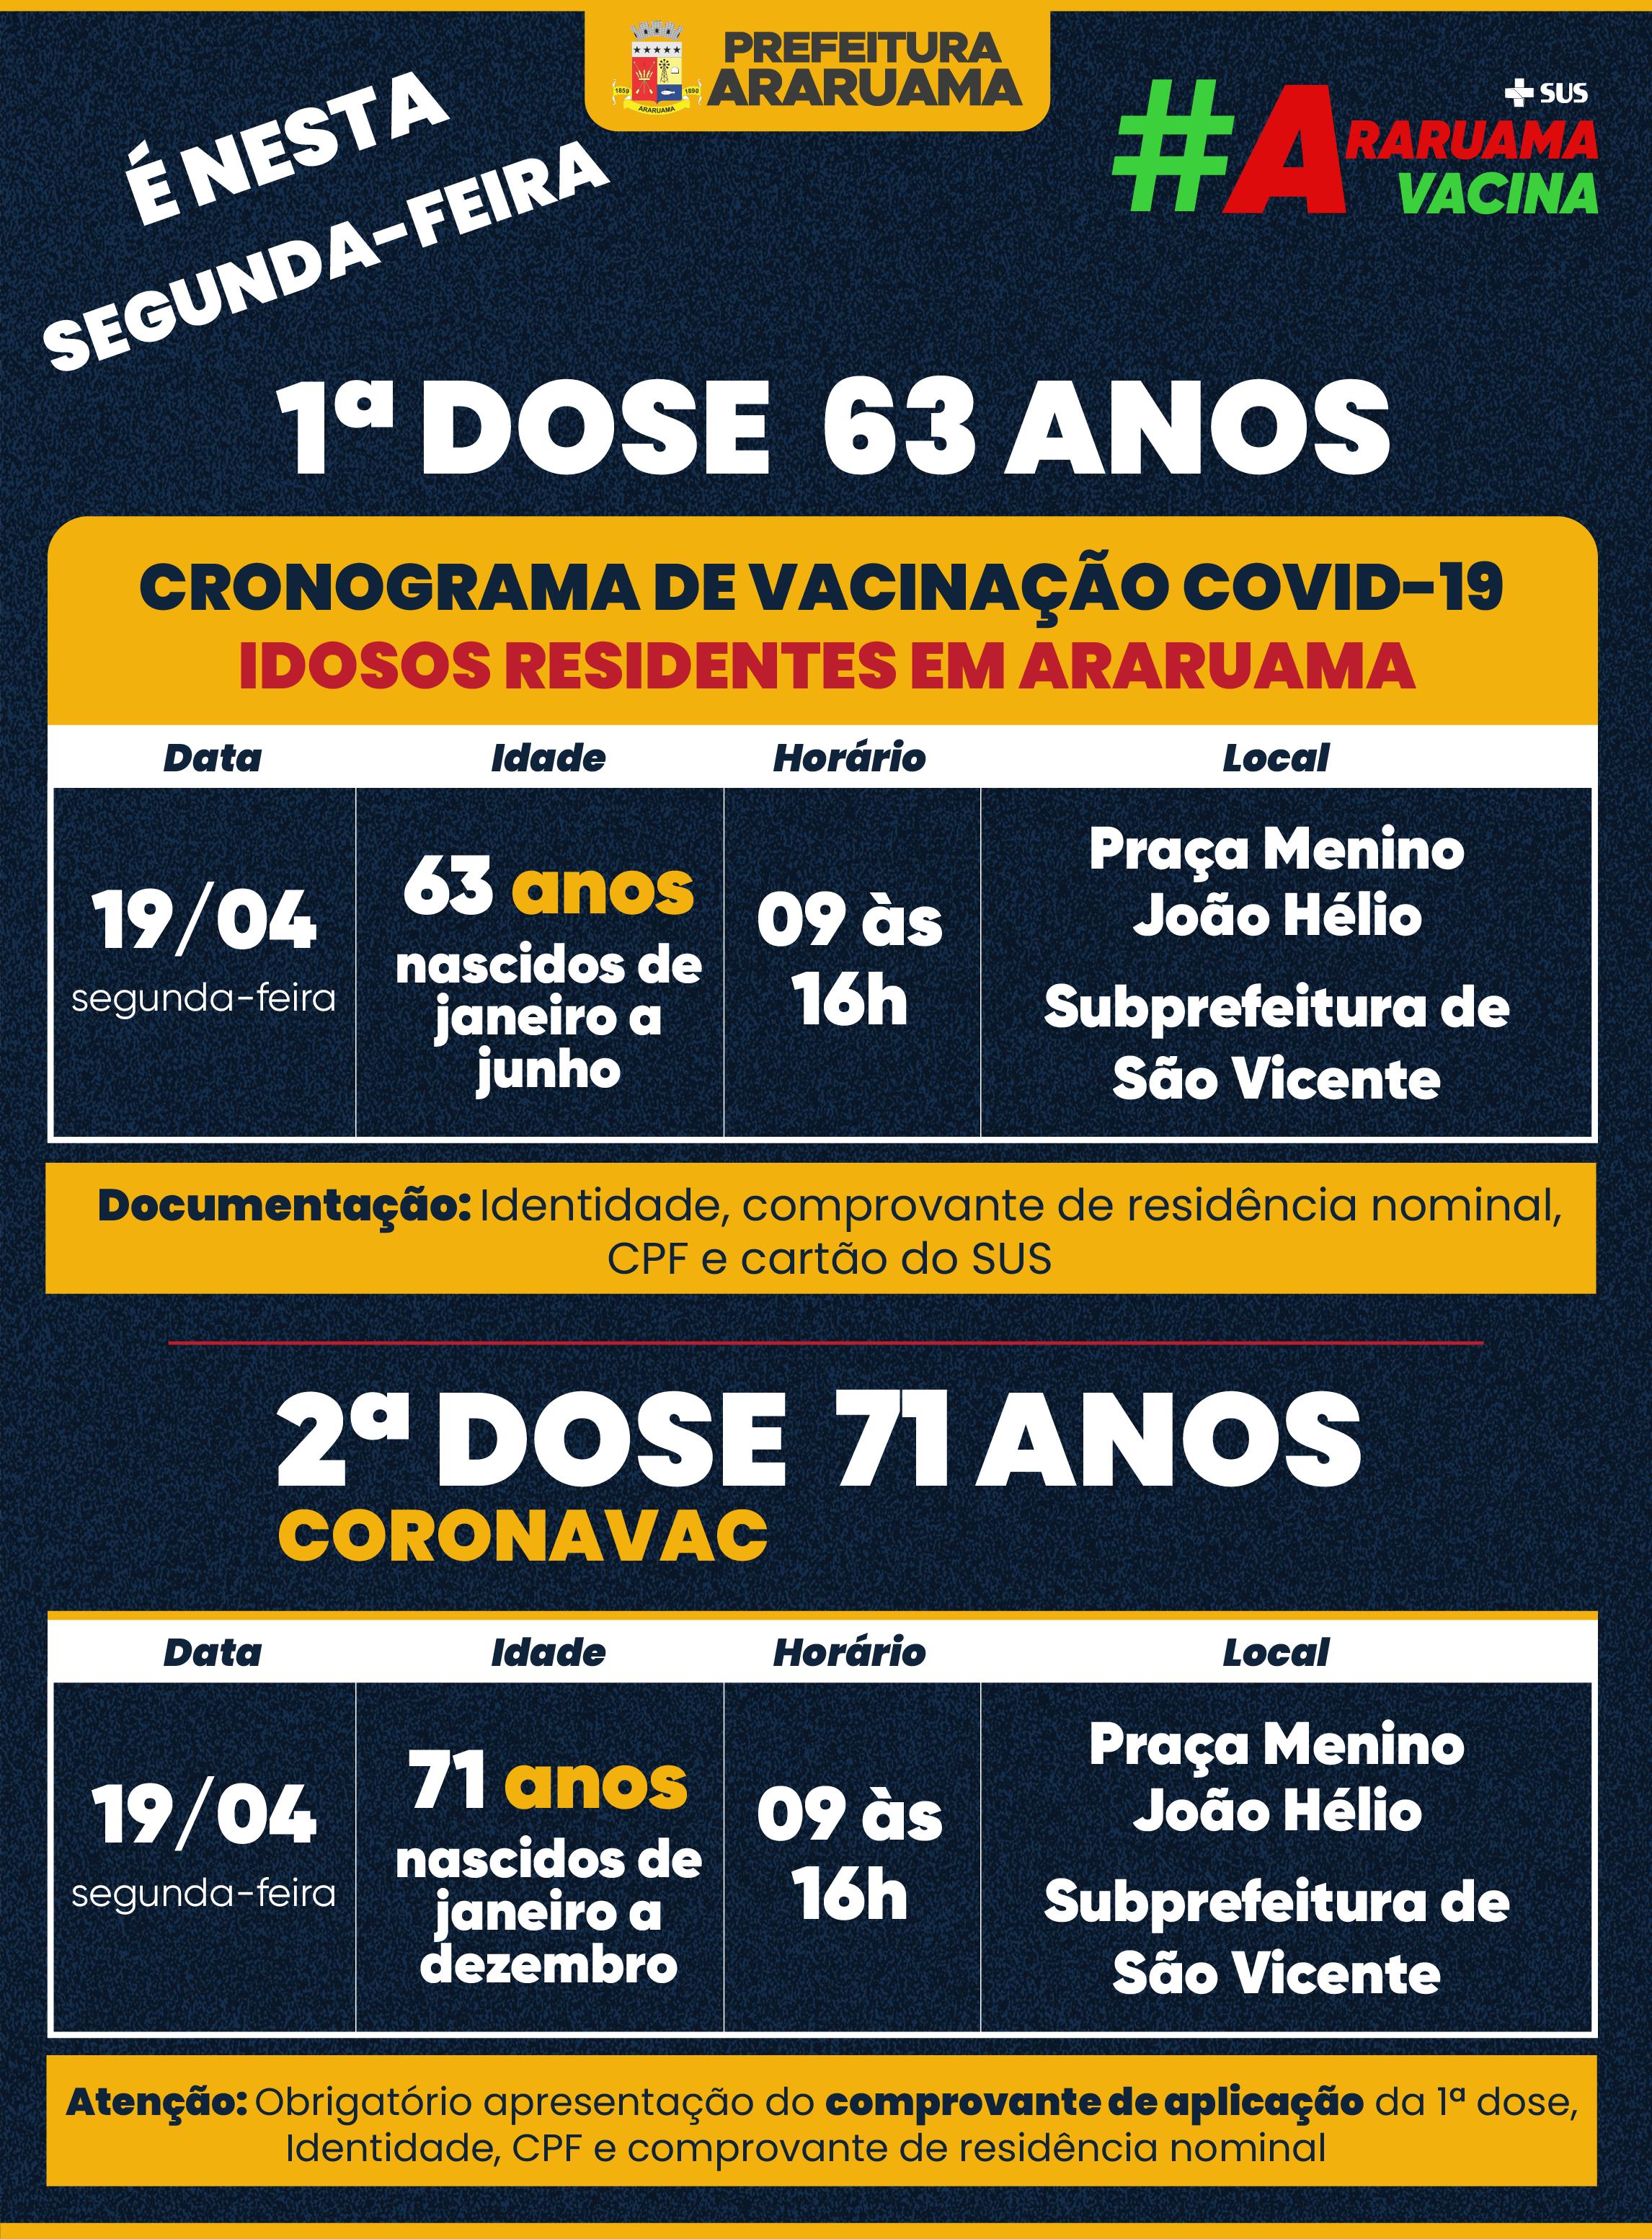 Calendário de vacinação para essa segunda-feira, 19